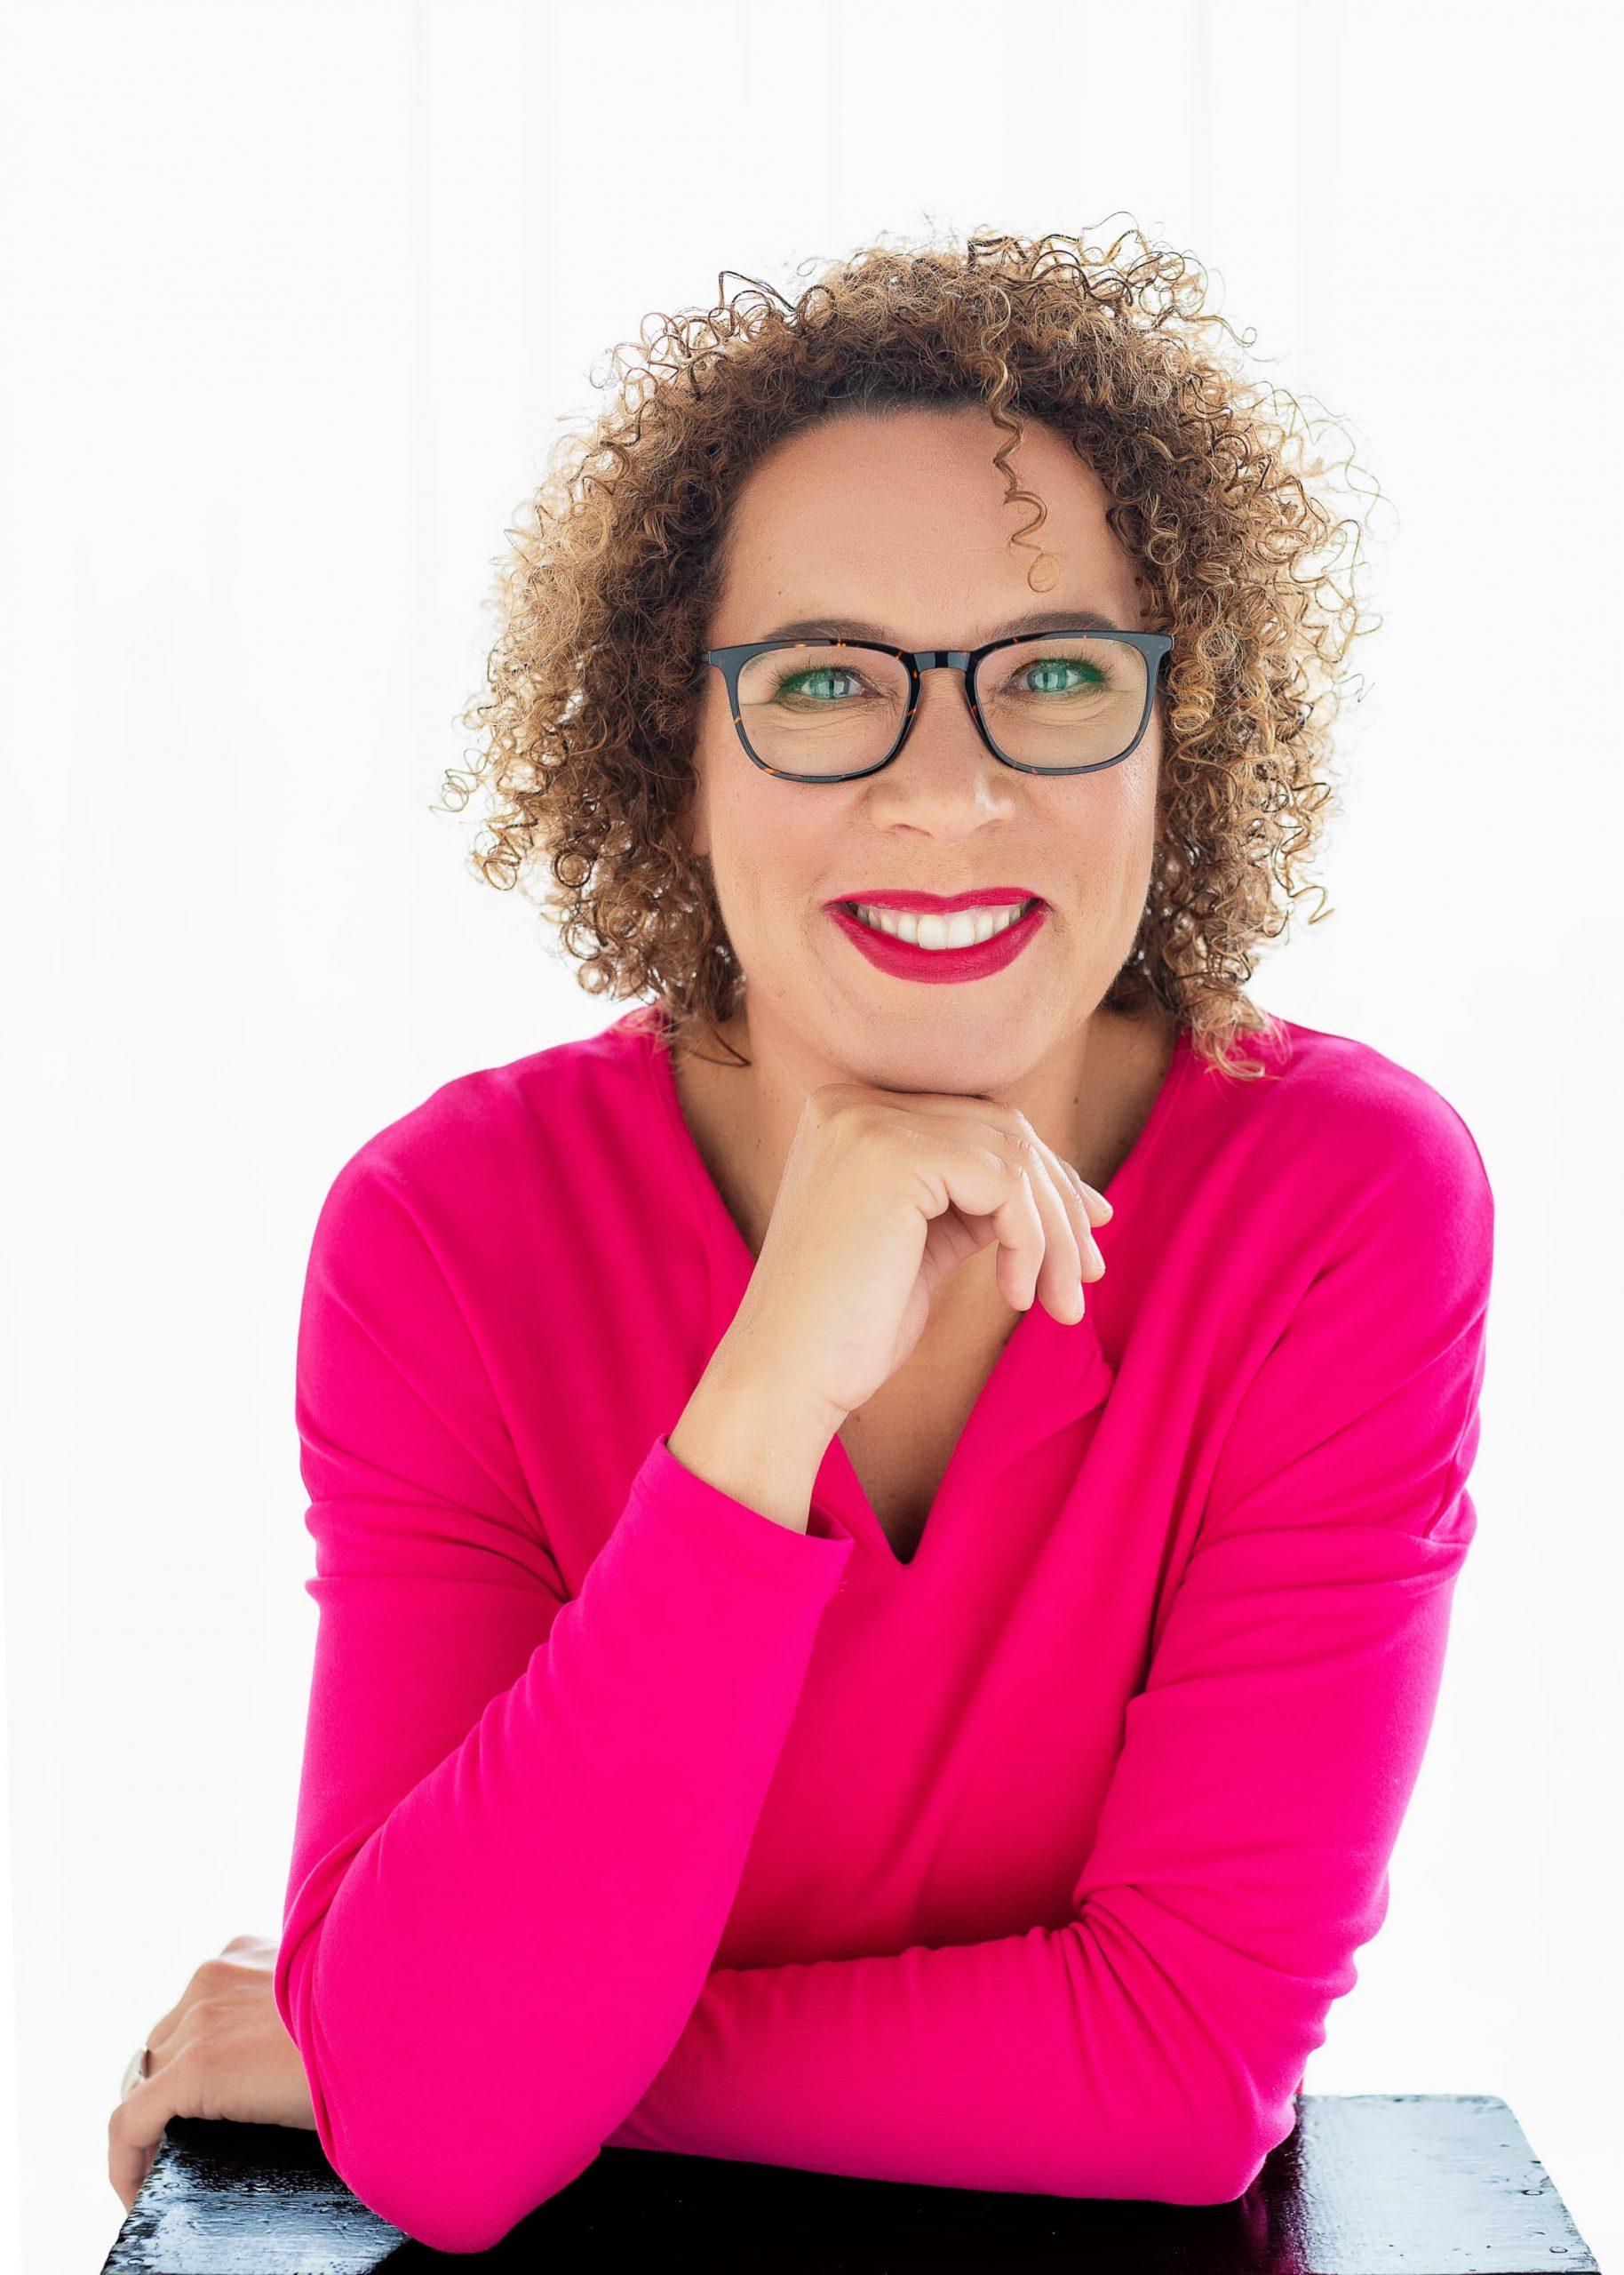 vrouw in roze trui met roze lippenstift en bril